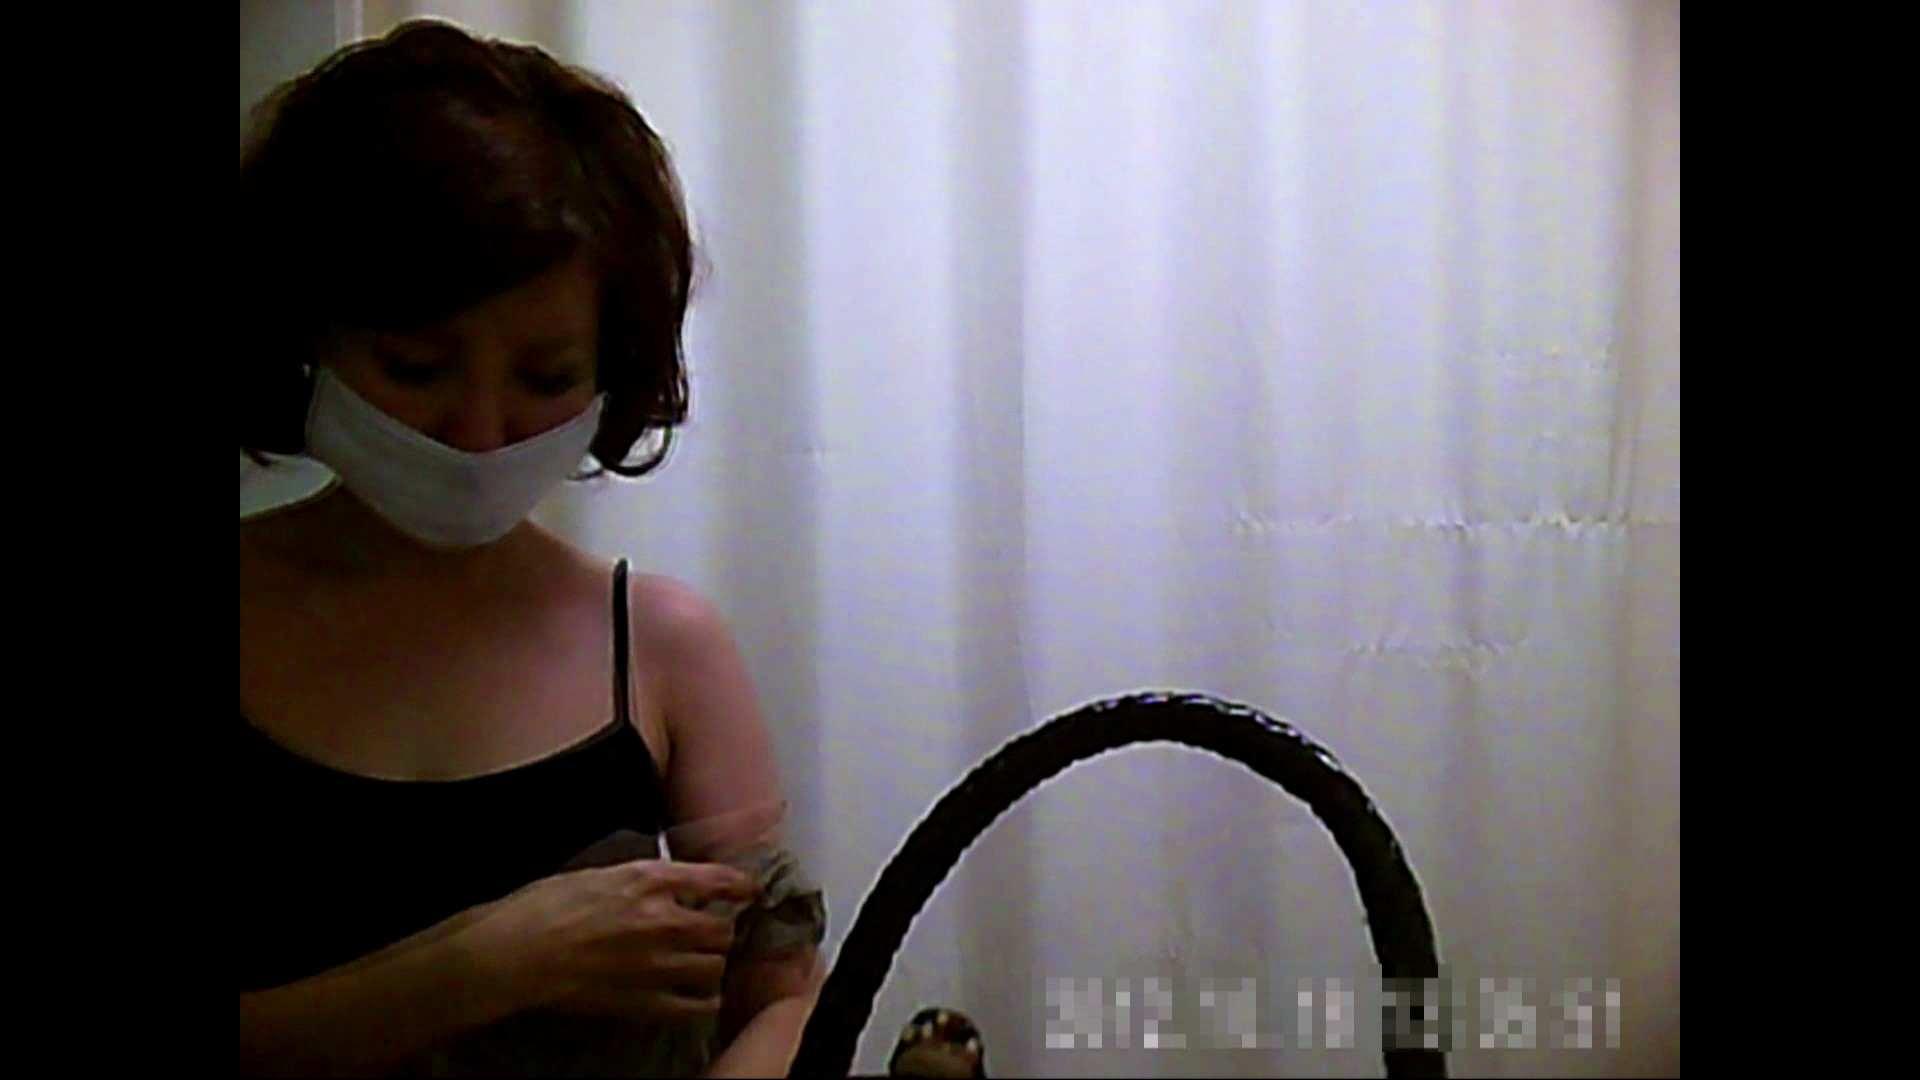 病院おもいっきり着替え! vol.244 乳首 隠し撮りオマンコ動画紹介 77PIX 24